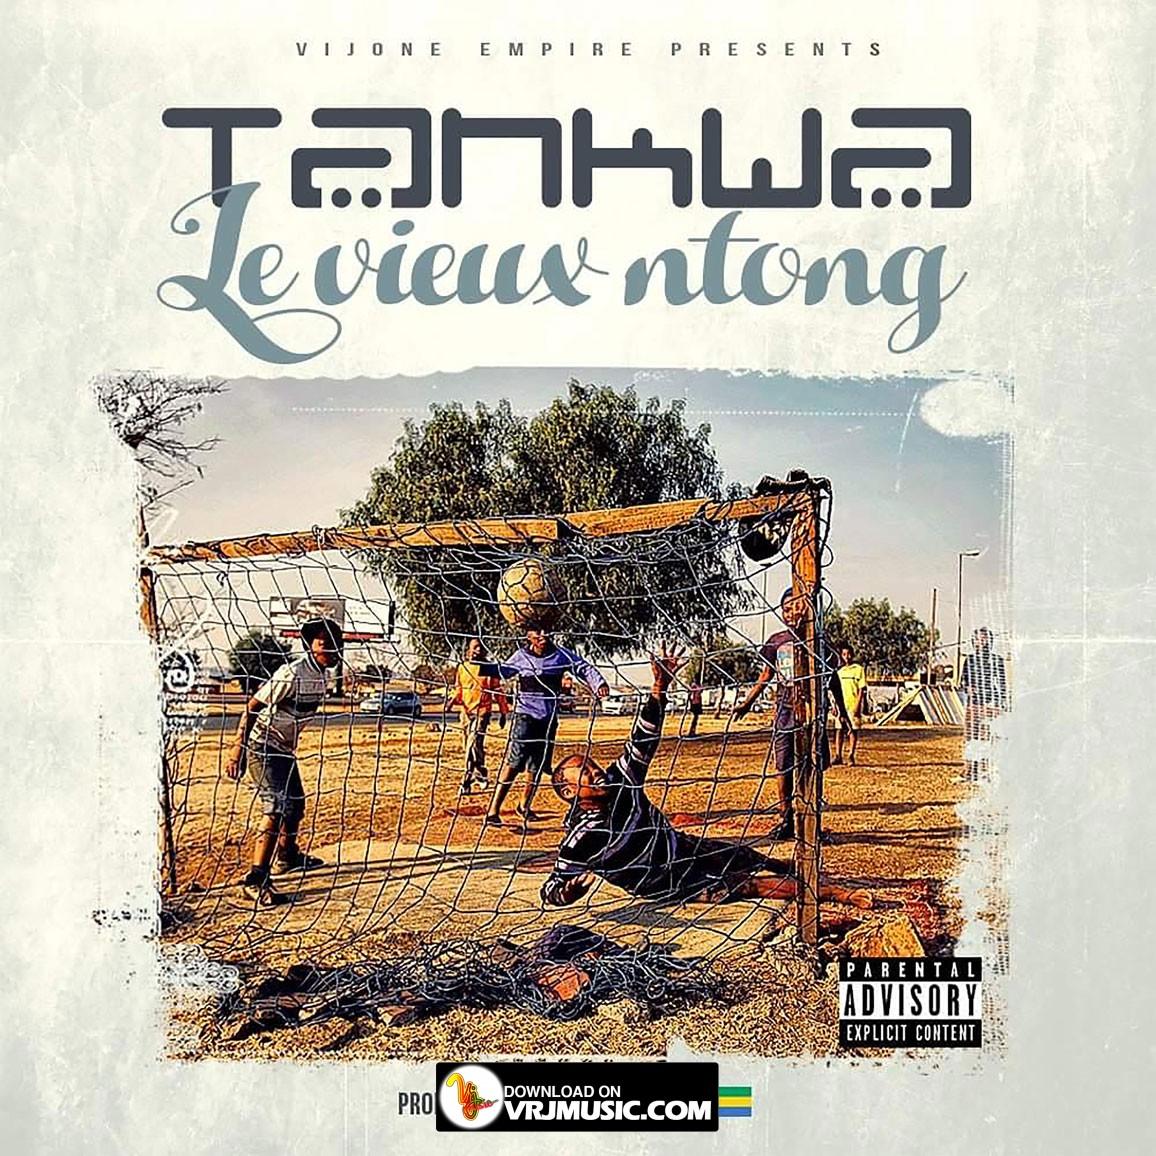 le-vieux-ntong-wwww-vrjmusic-com-tankwa-by-vijone-empire